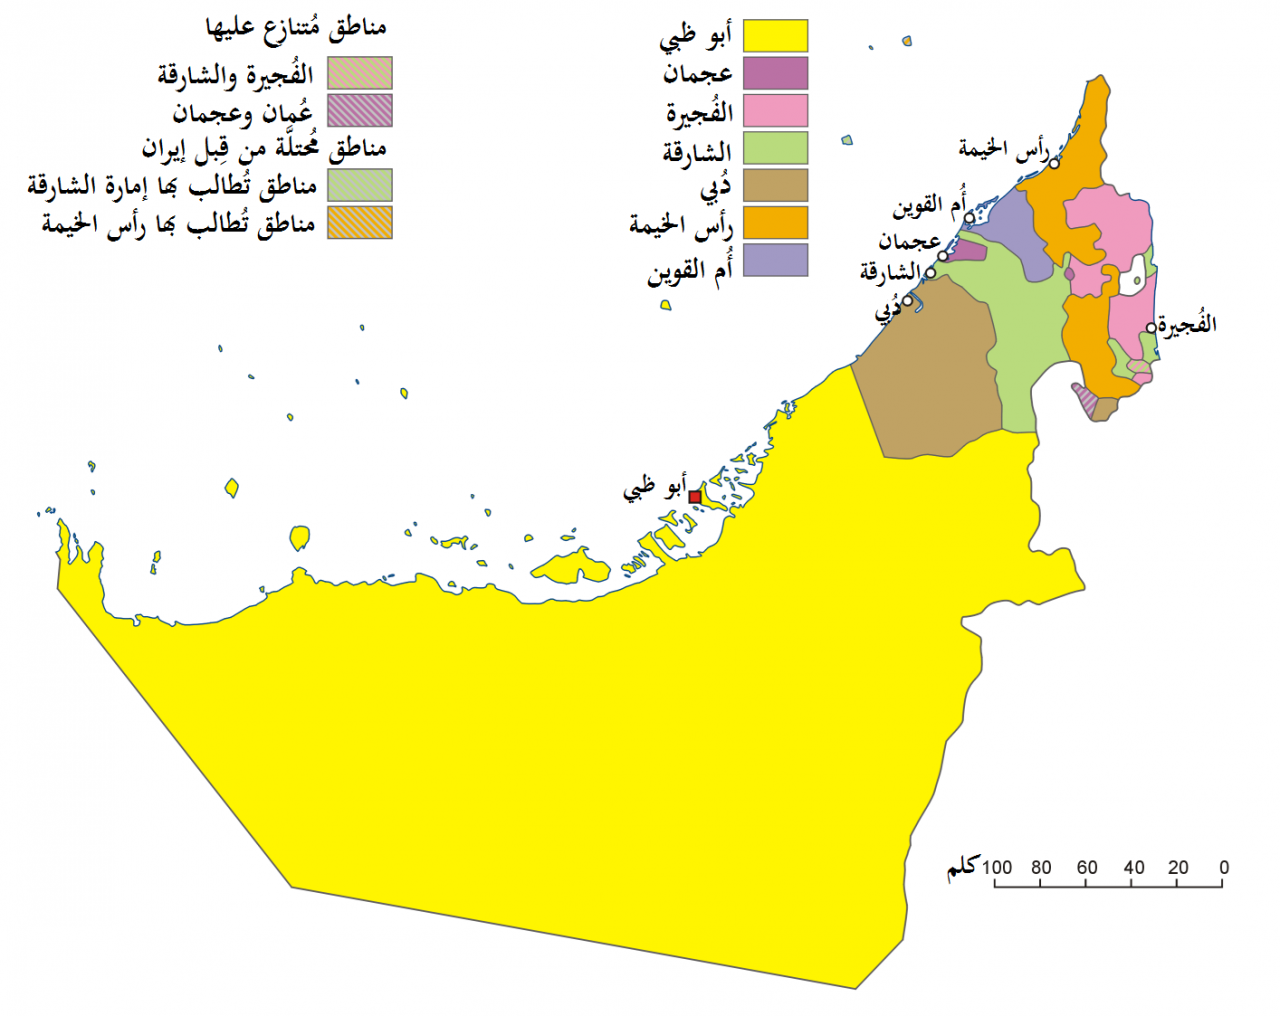 خريطة الإمارات الإمارات الصماء